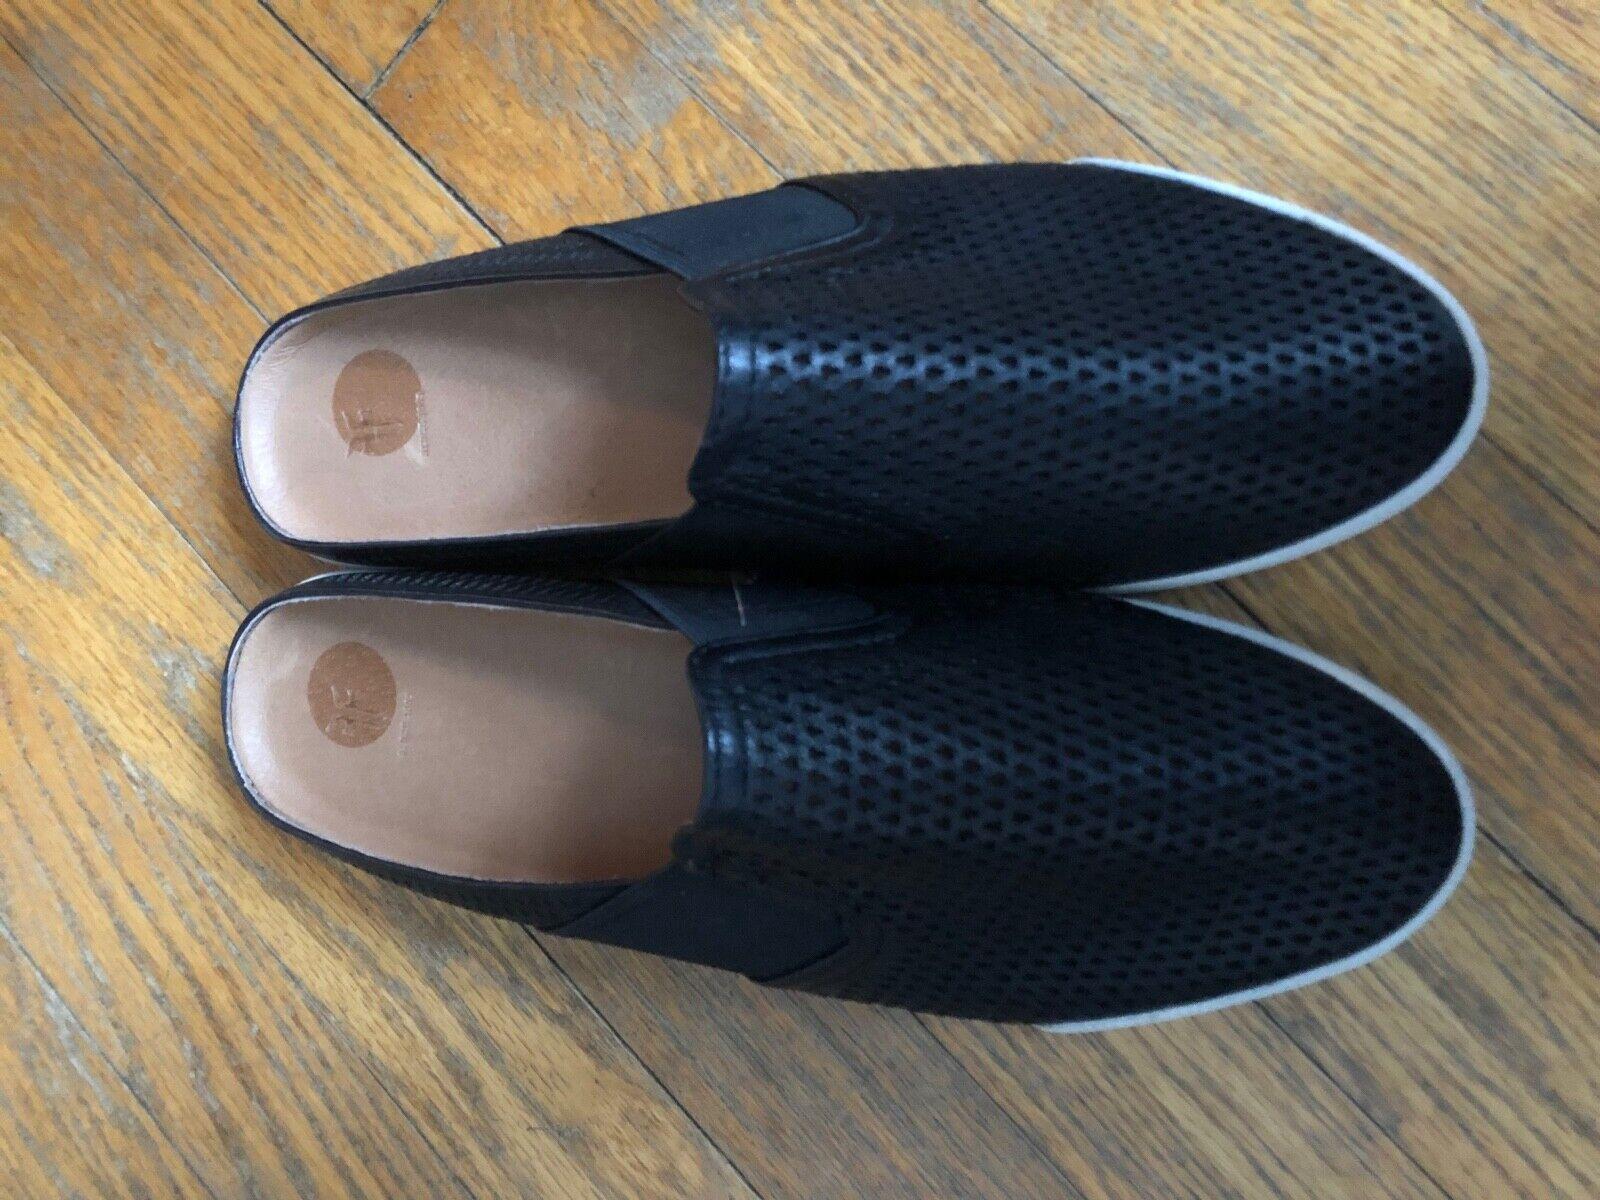 Frye 9.5 NWOB Wouomo  nero Leather Sassy Slip-on Flats  sautope